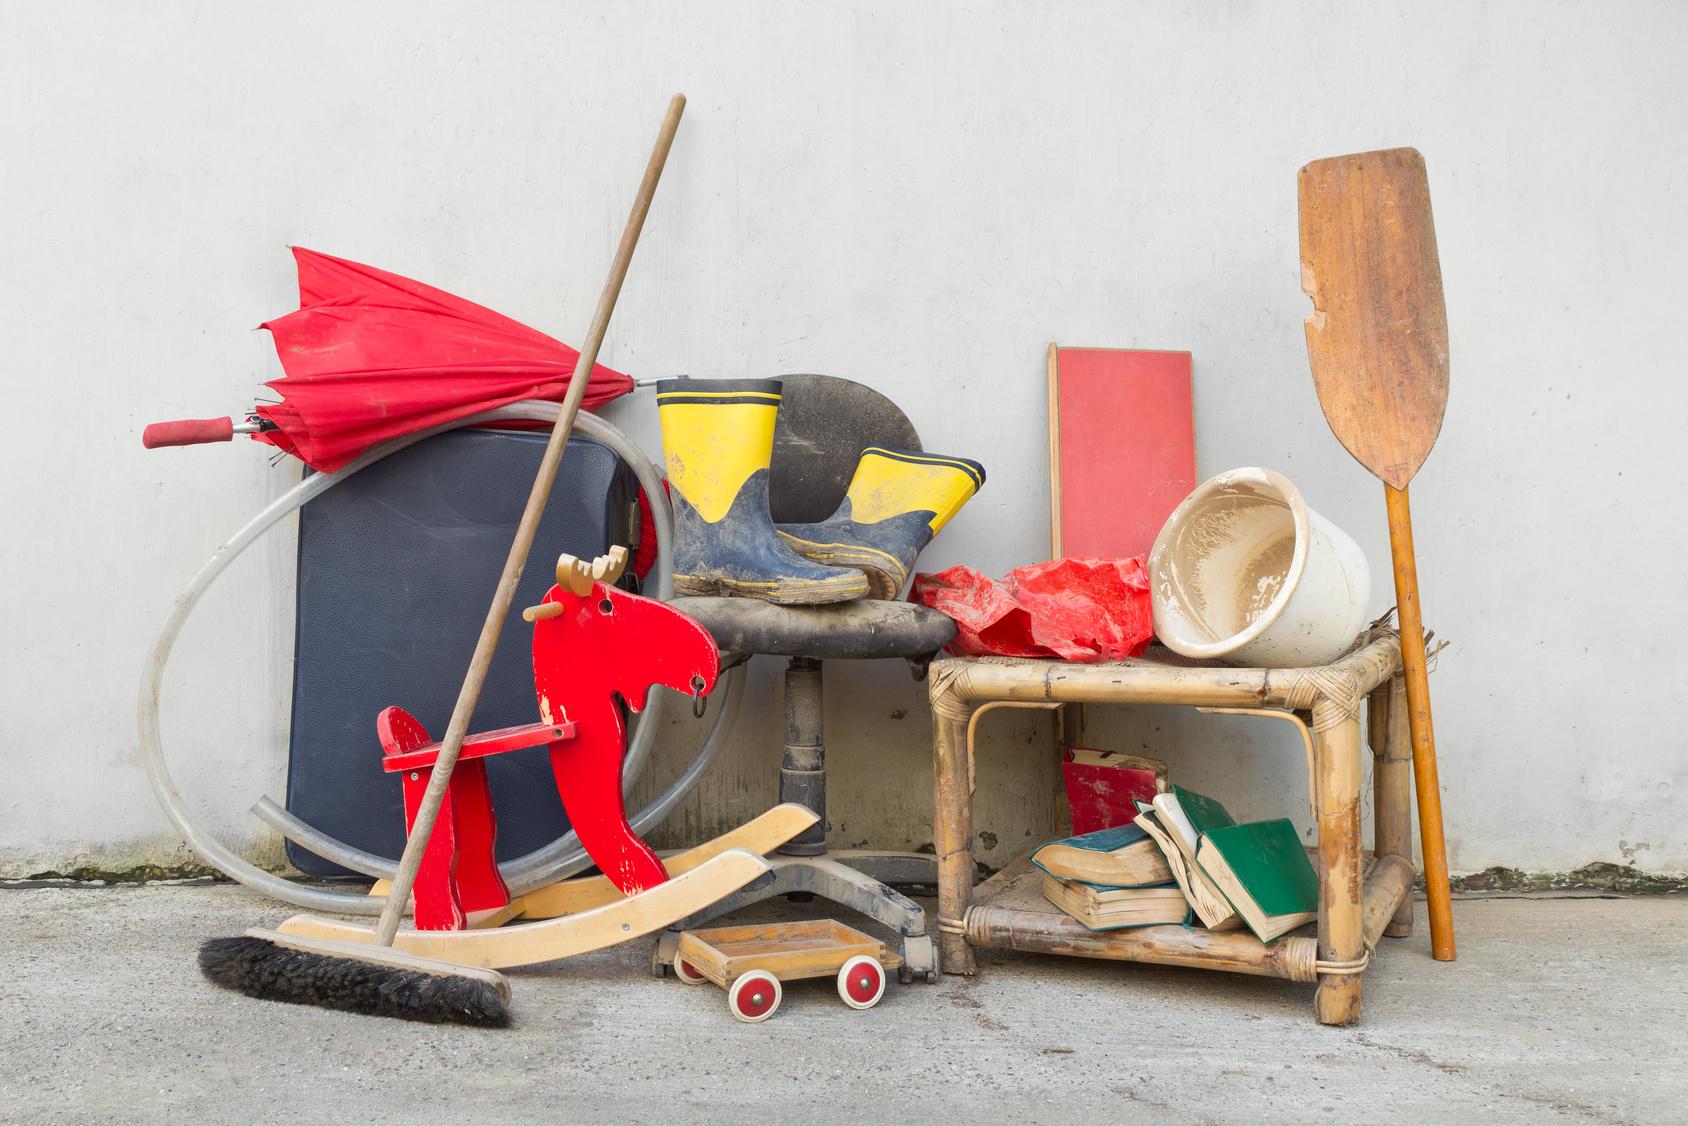 r ckgabe trotz keller voller sperrm ll. Black Bedroom Furniture Sets. Home Design Ideas